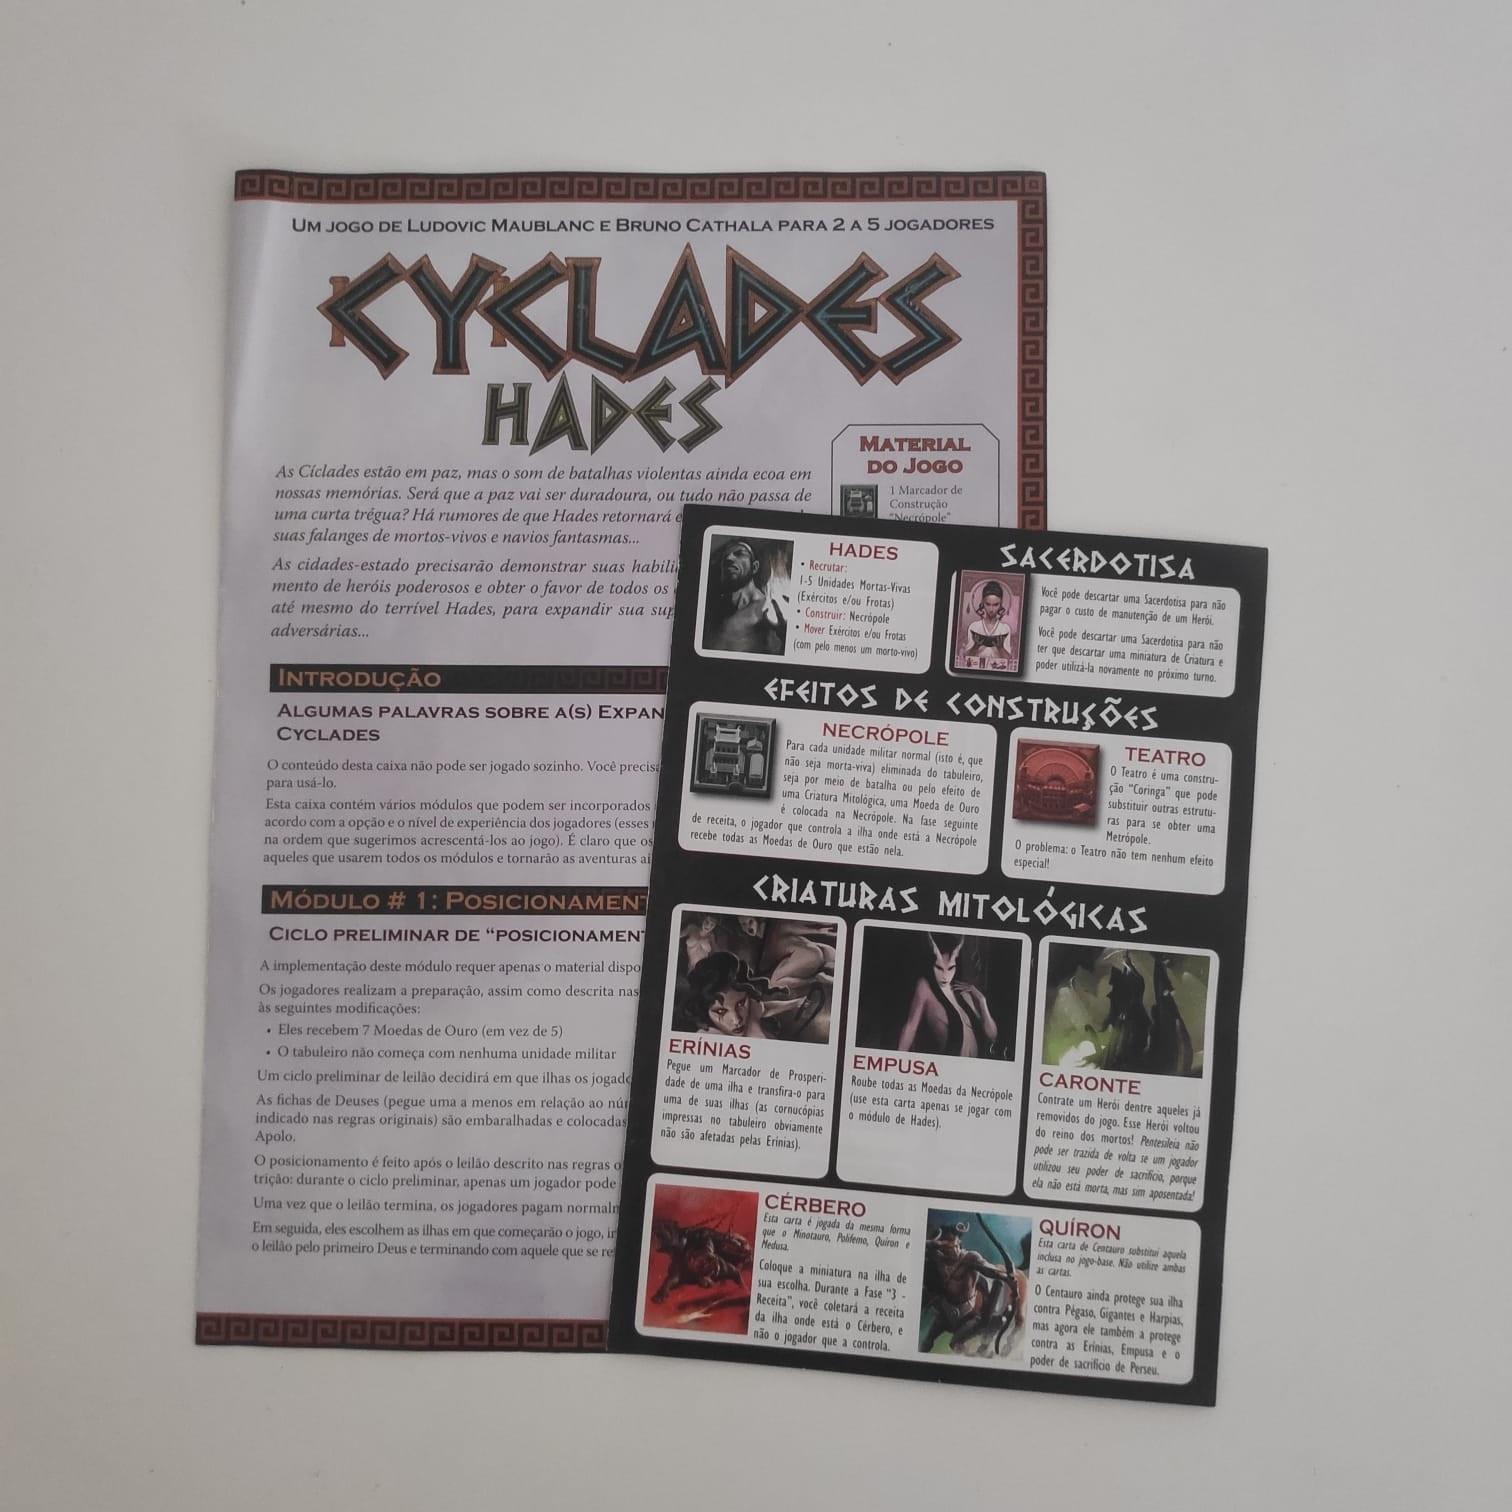 Cyclades: Hades - BAZAR DOS ALQUIMISTAS